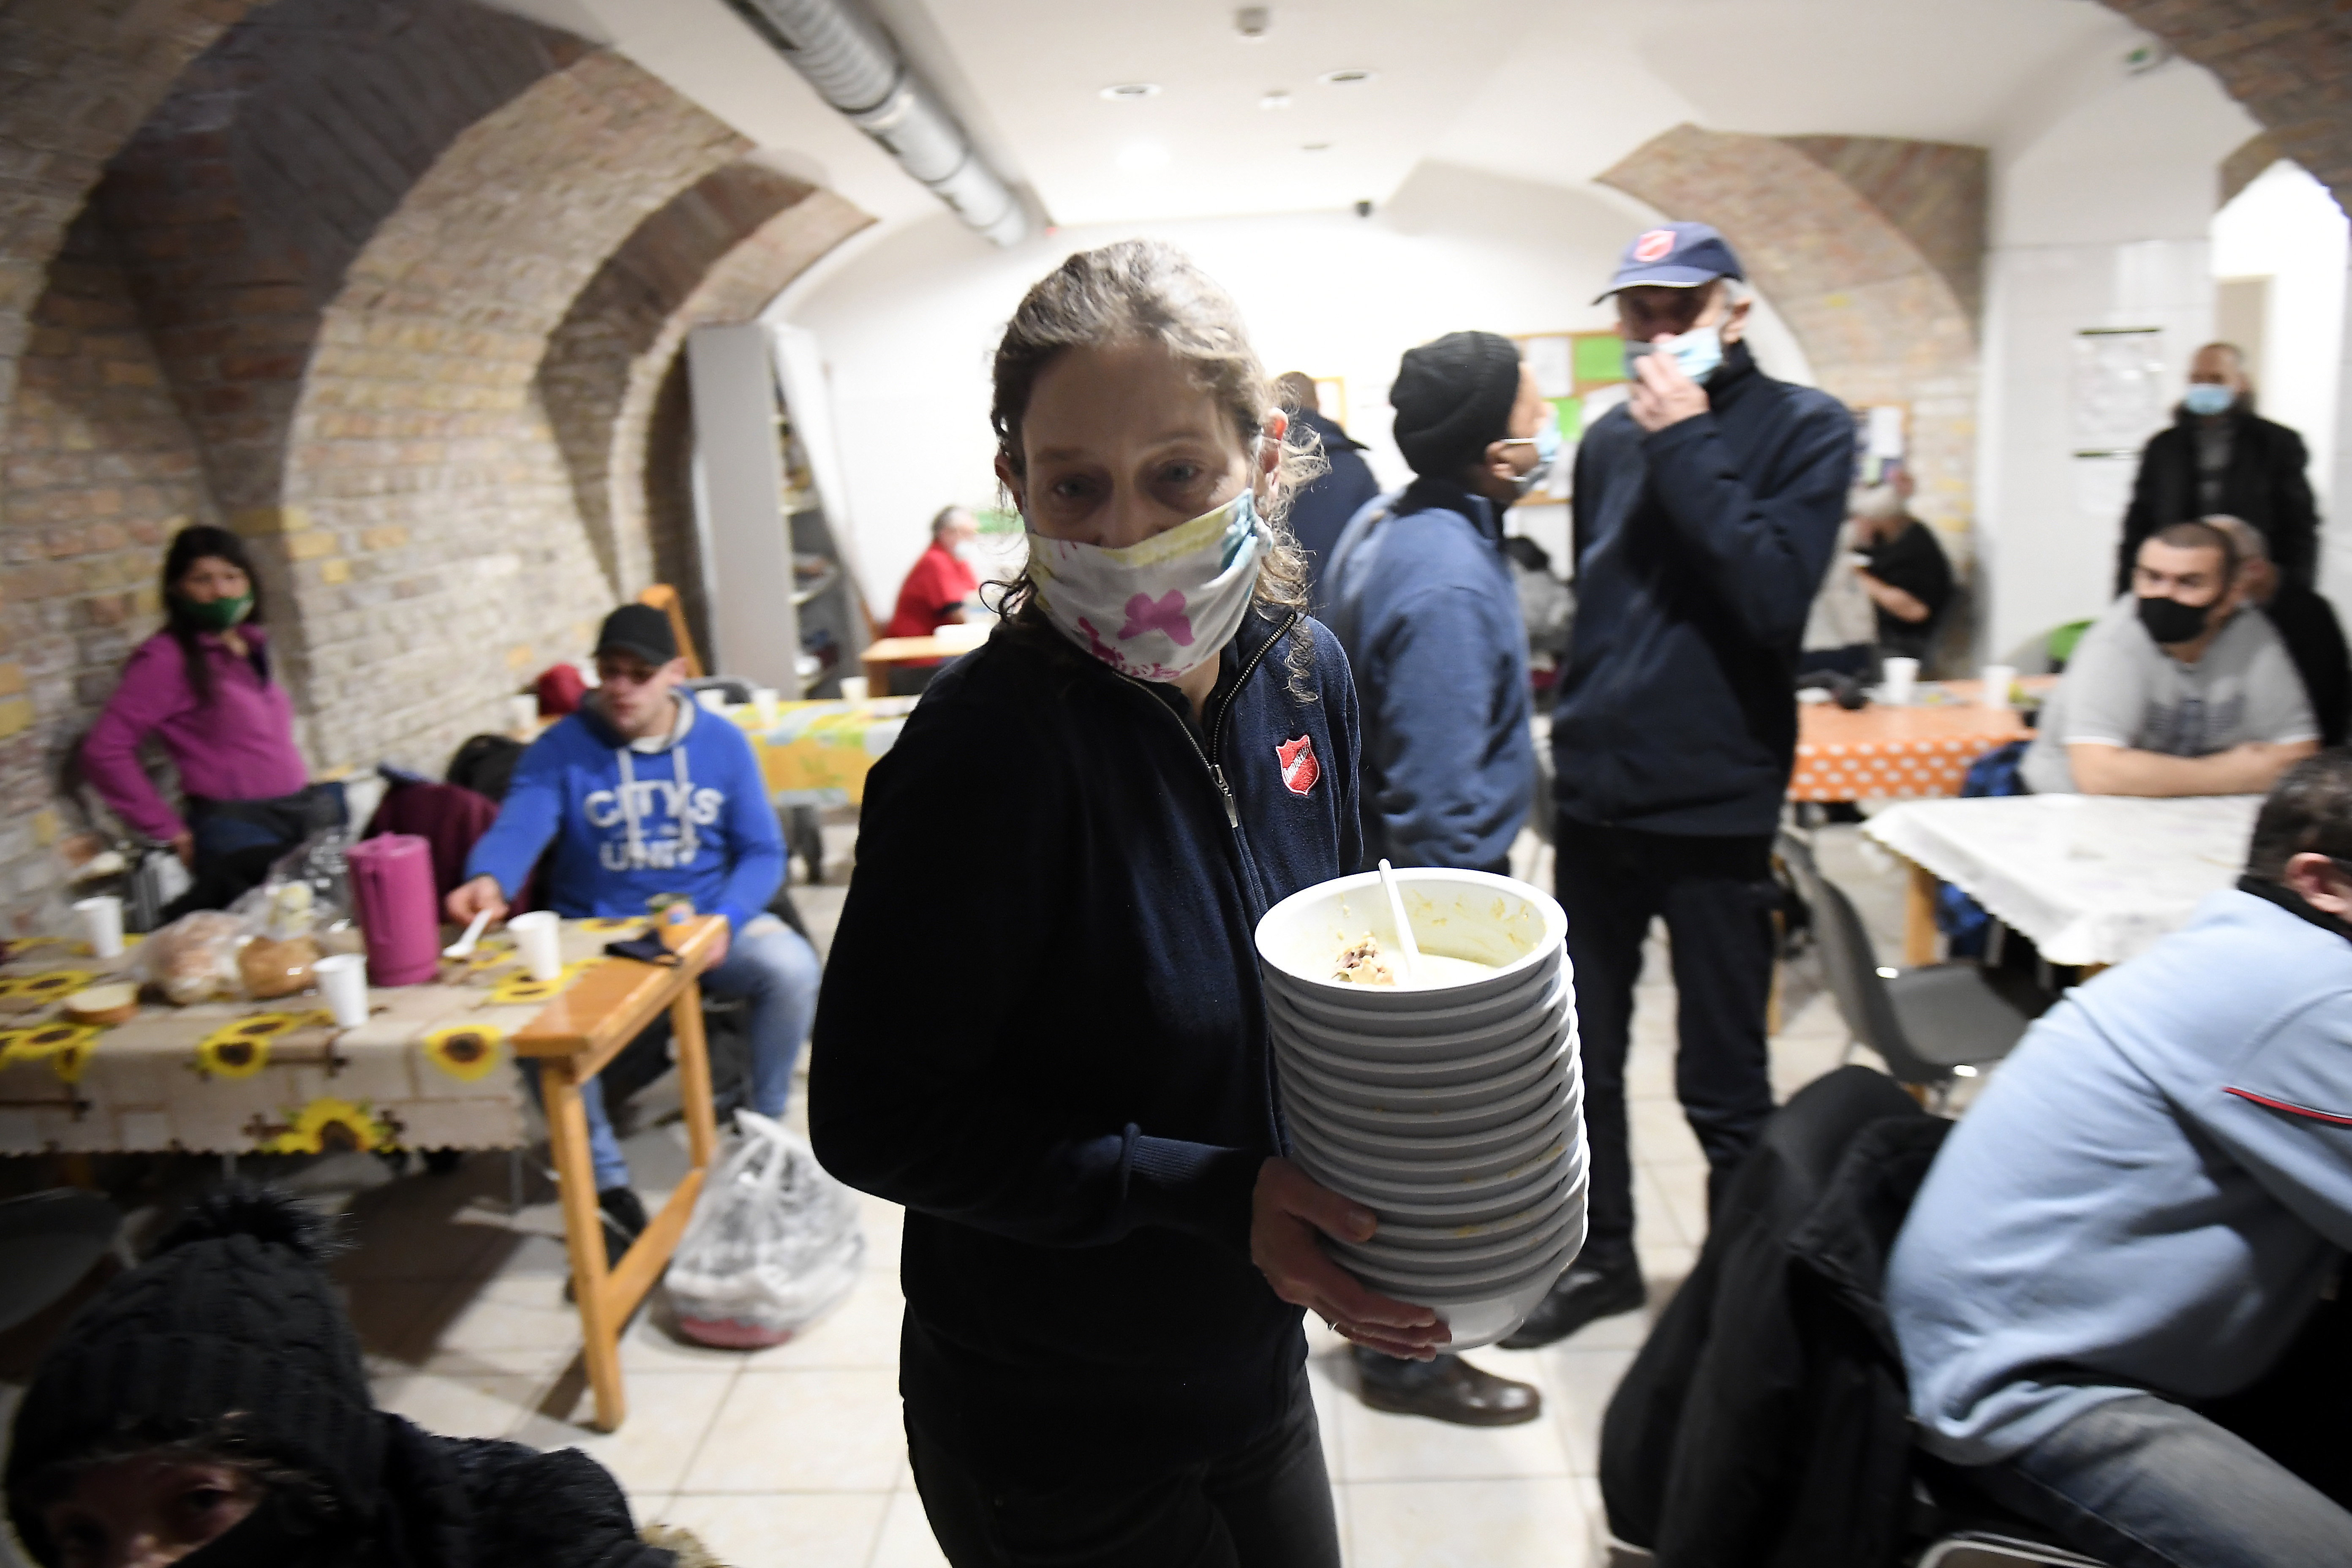 A járvány óta nehezebb elérni az adományozókat, és kevesebben önkénteskednek